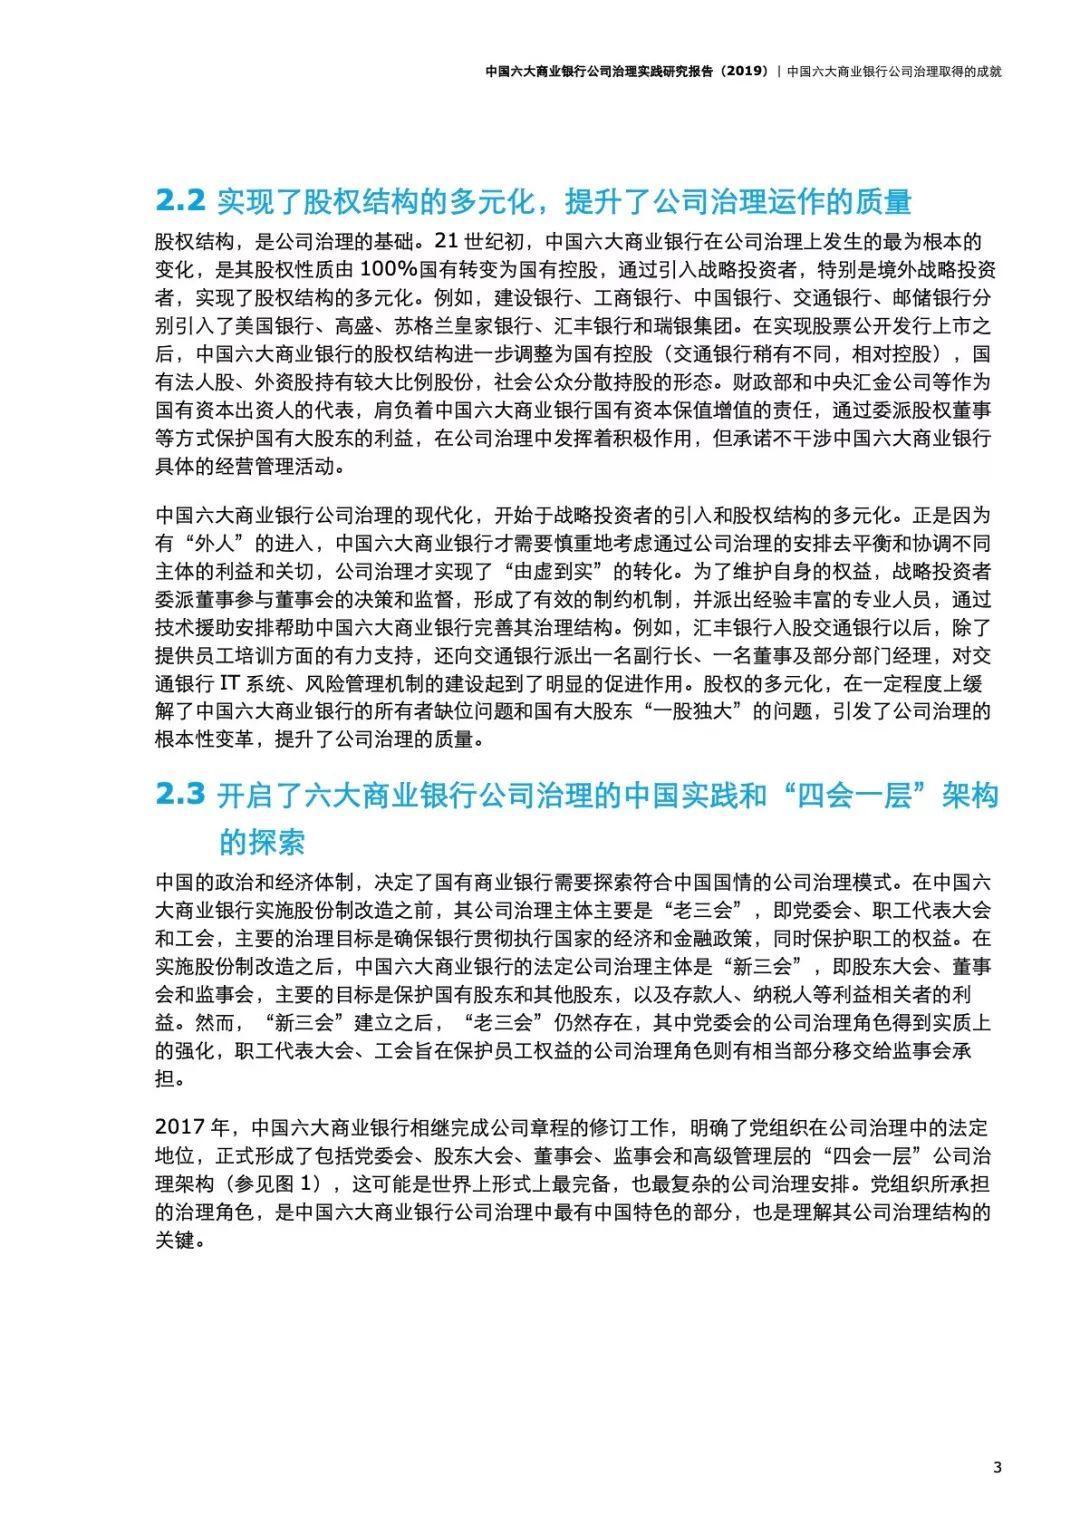 德勤:中国六大商业银行公司治理实践研究报告——大国大行新治理